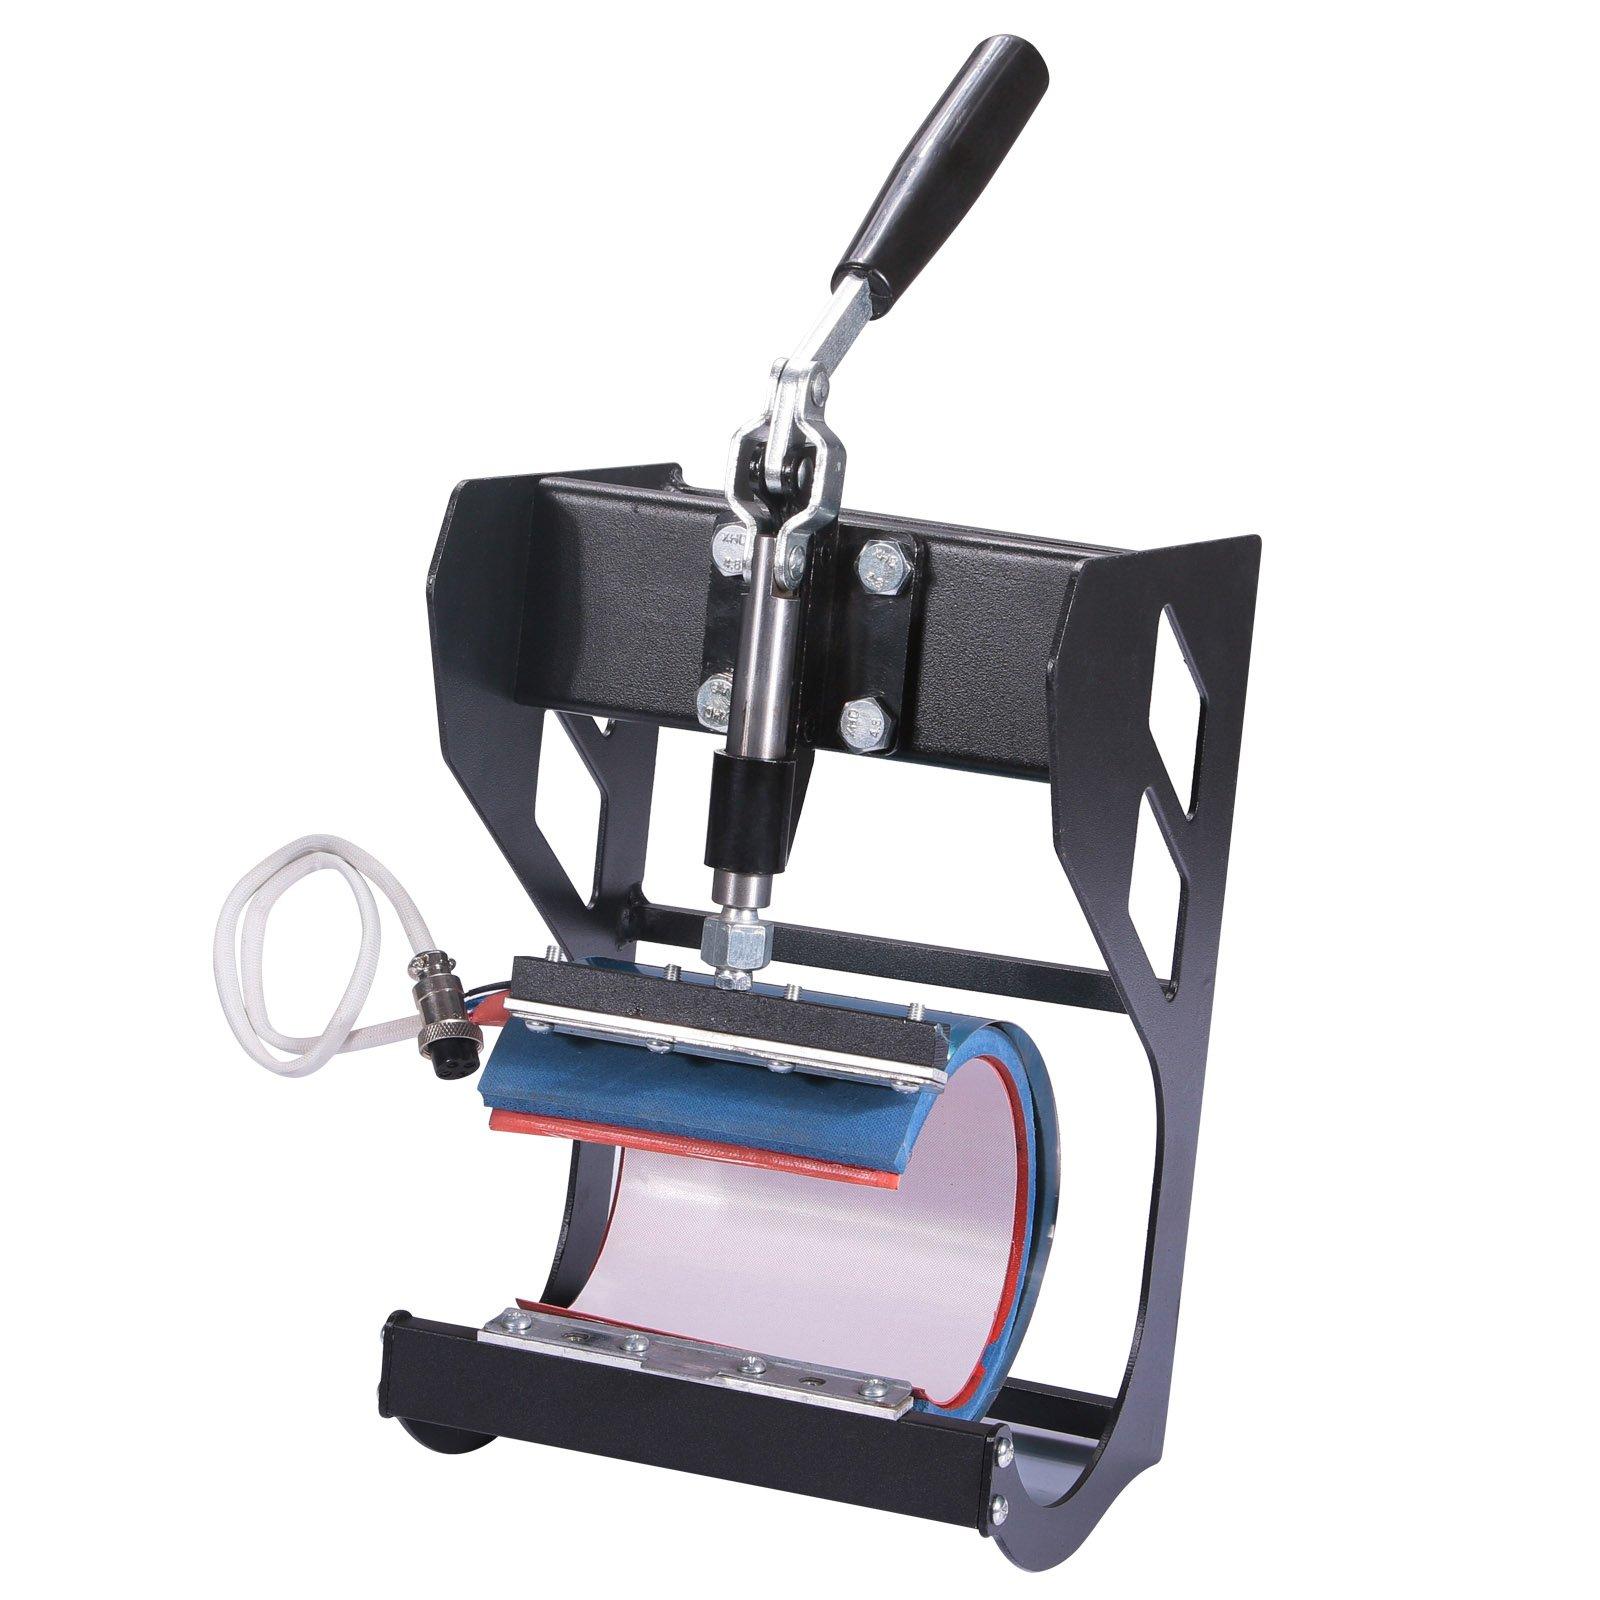 Buy Heat Press Machine Uk